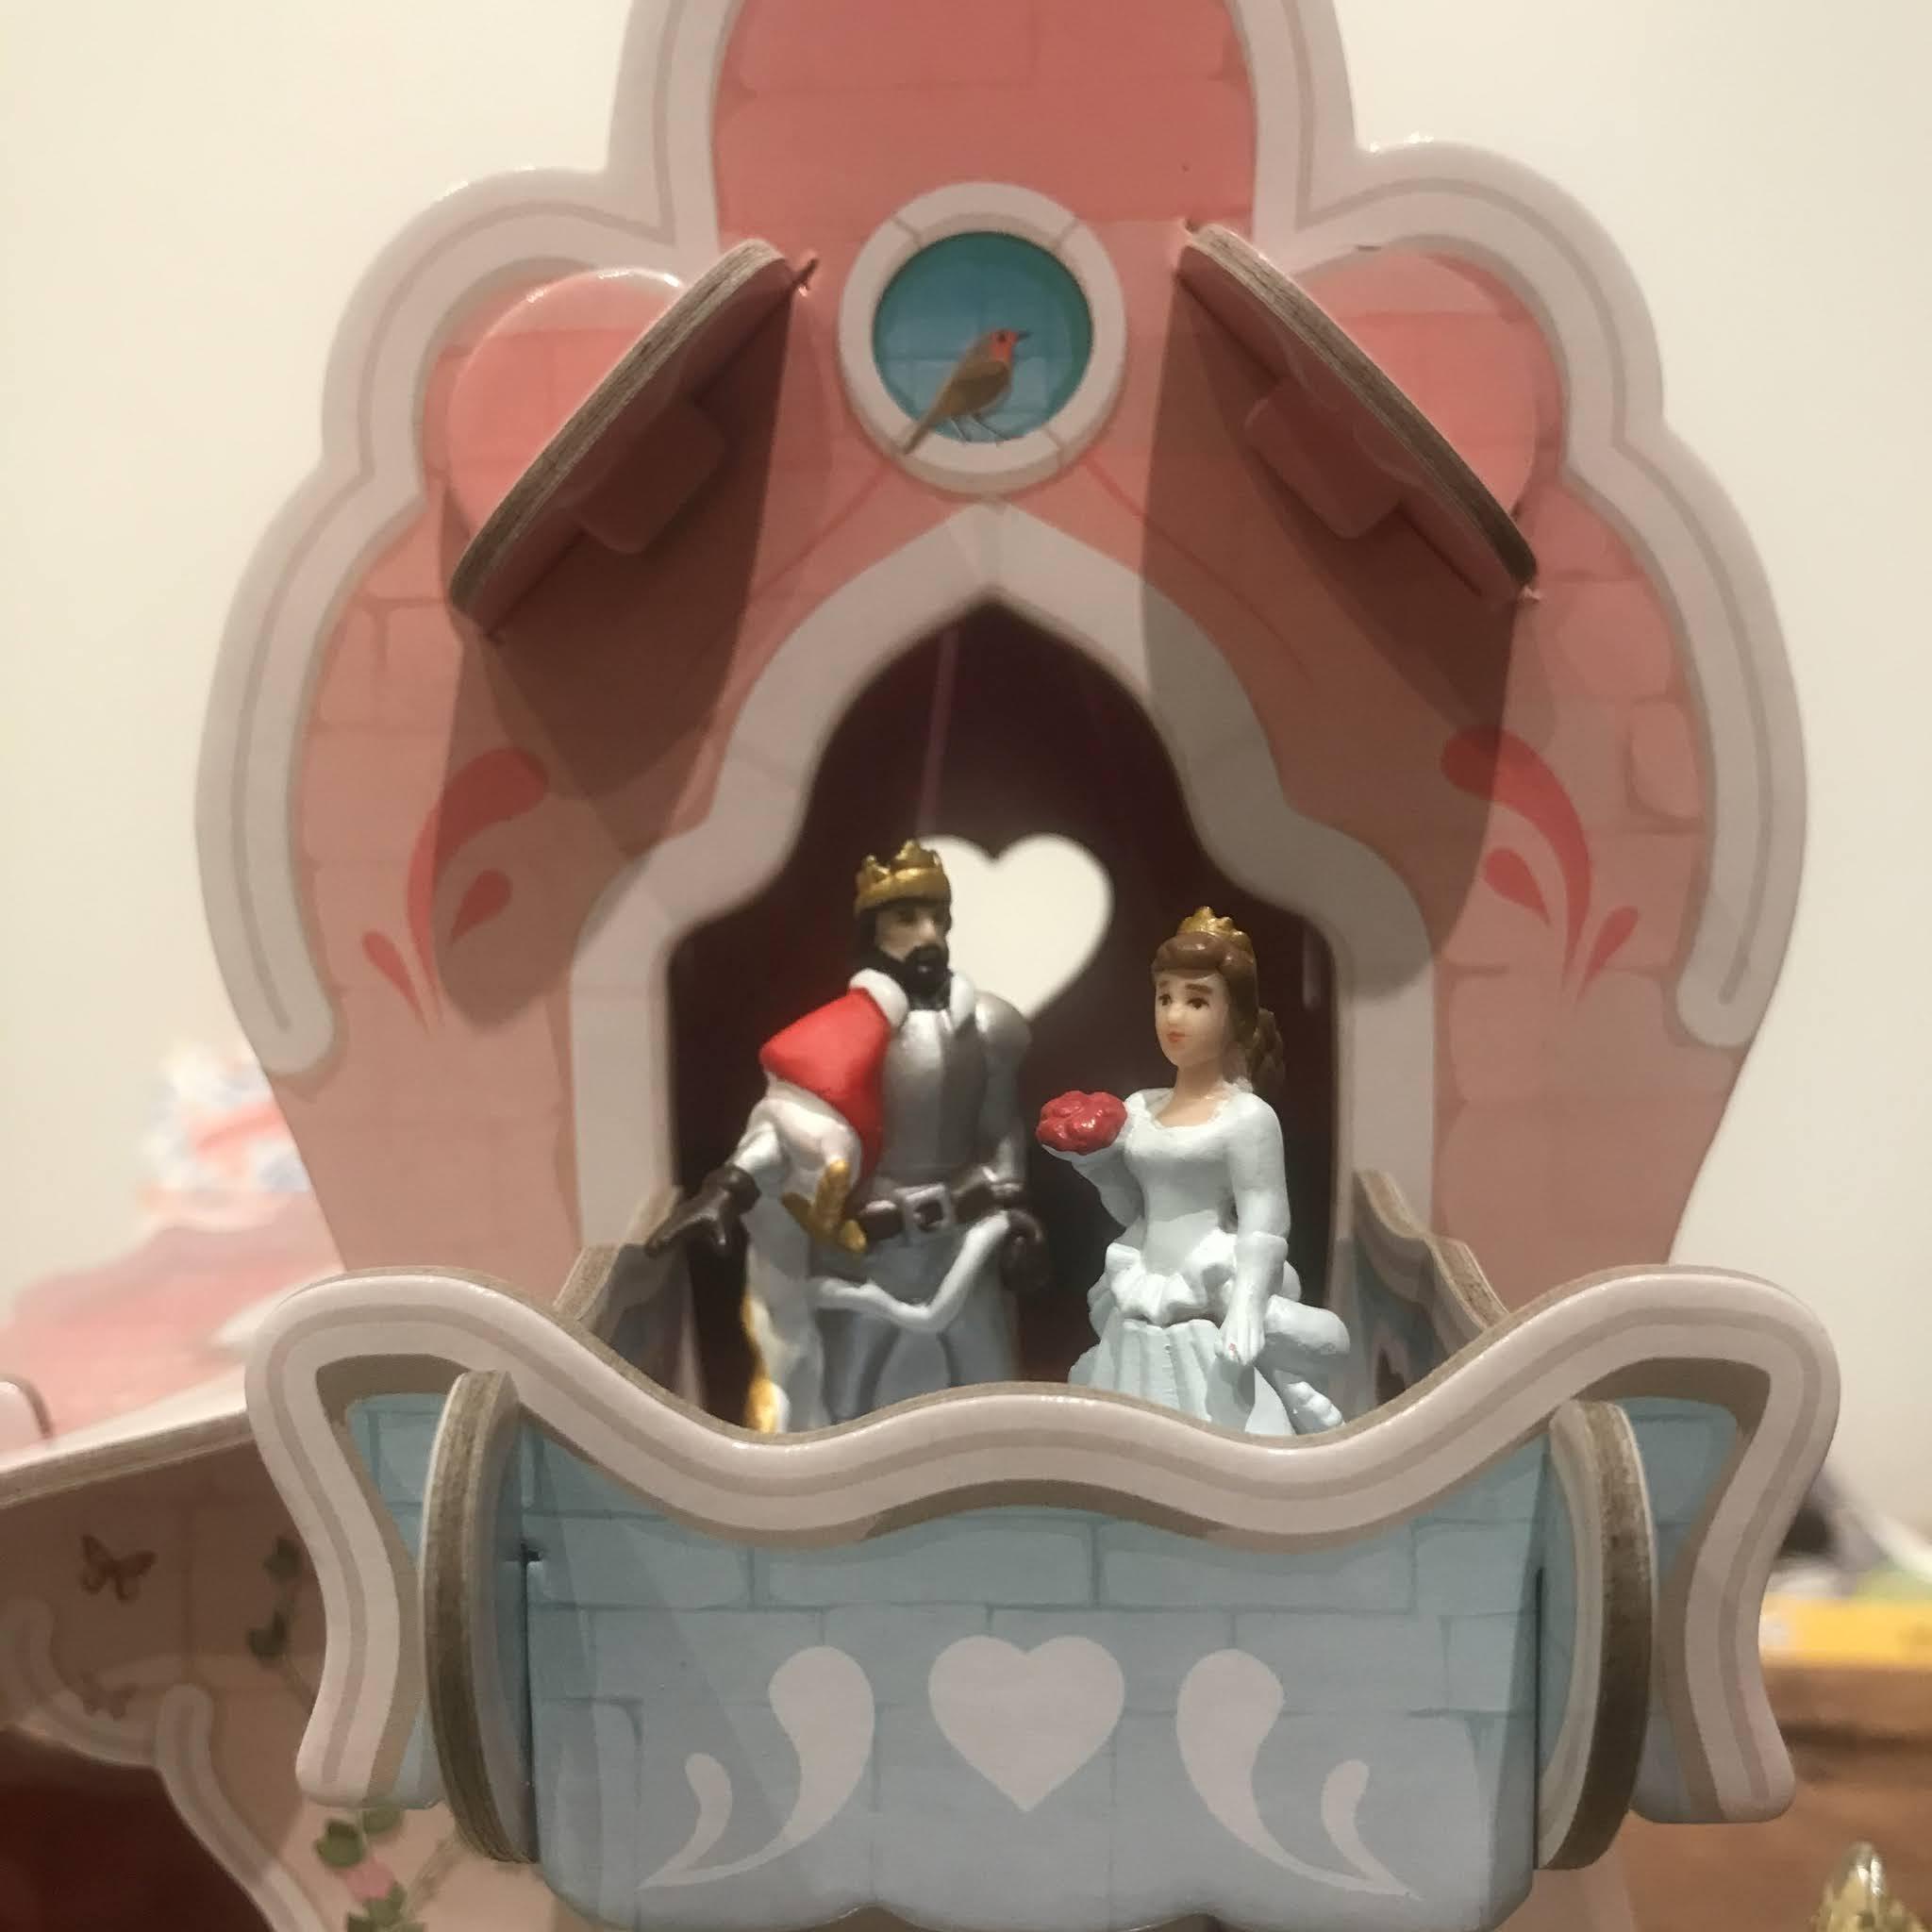 papo figurines